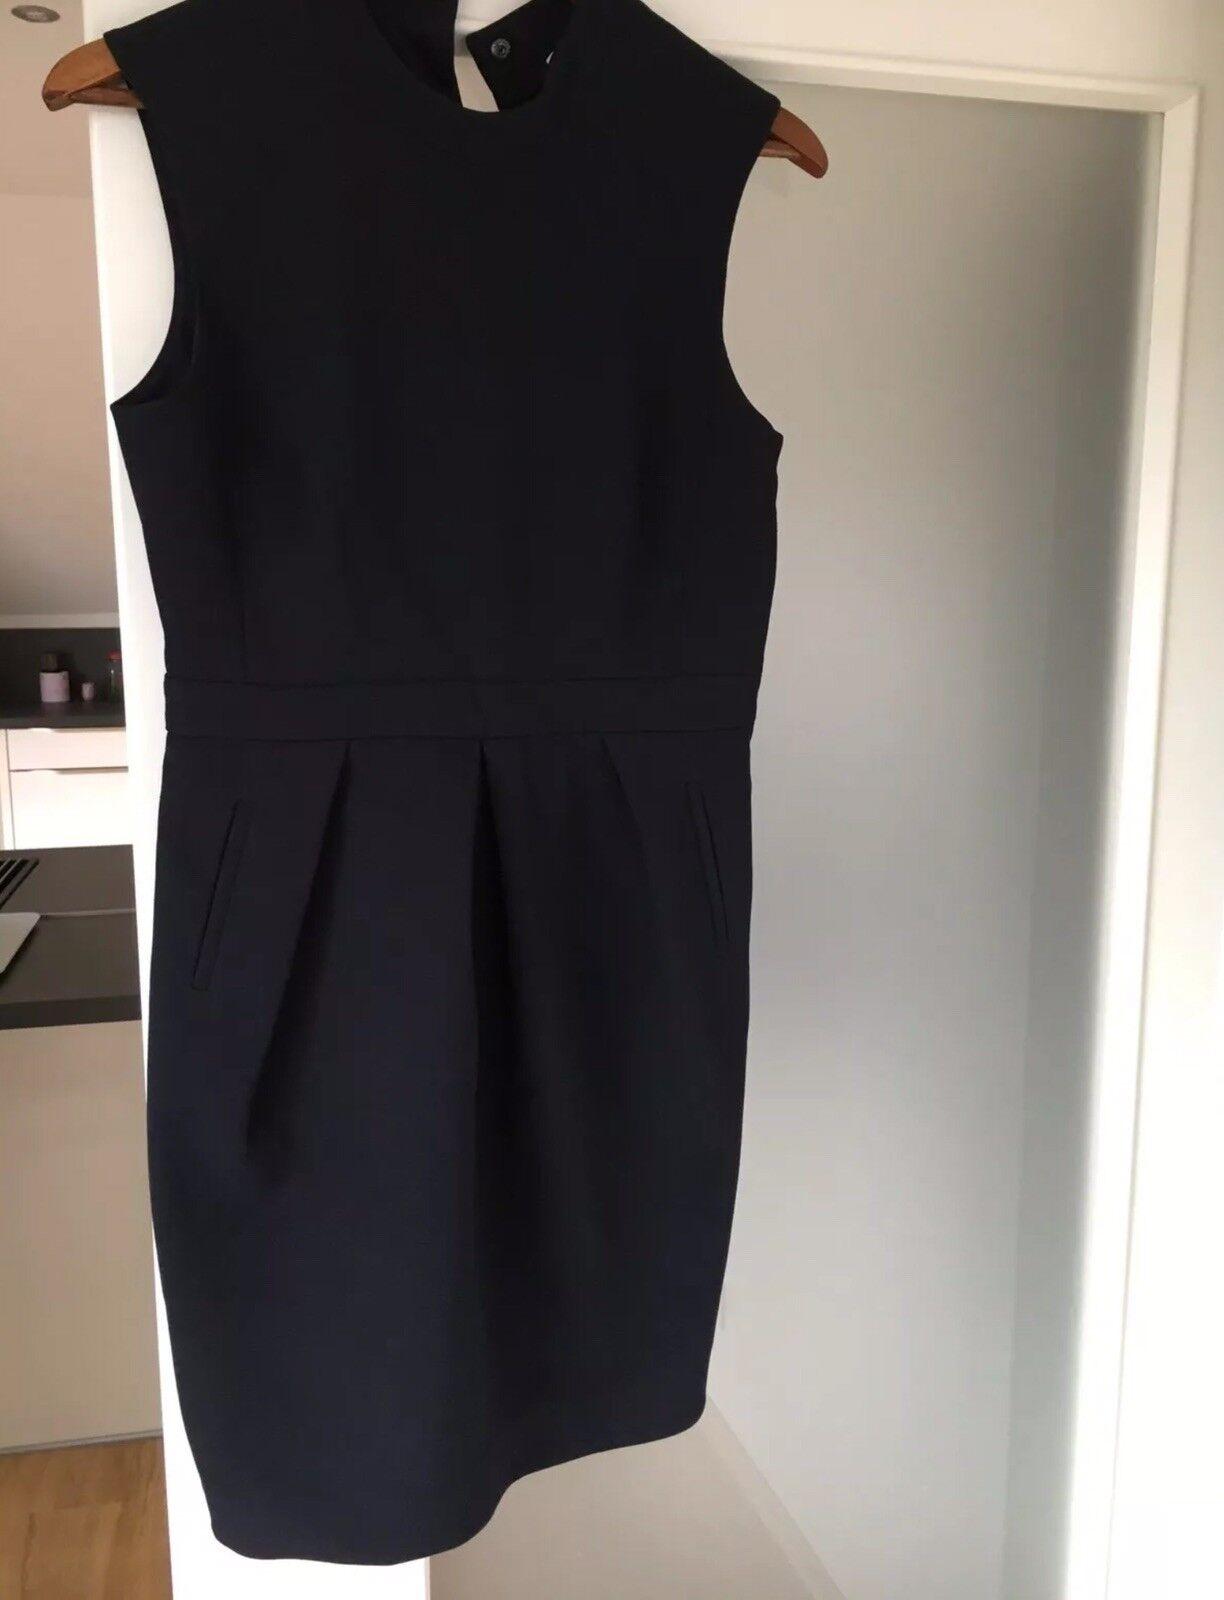 Claudie Pierlot Dress - Size 38